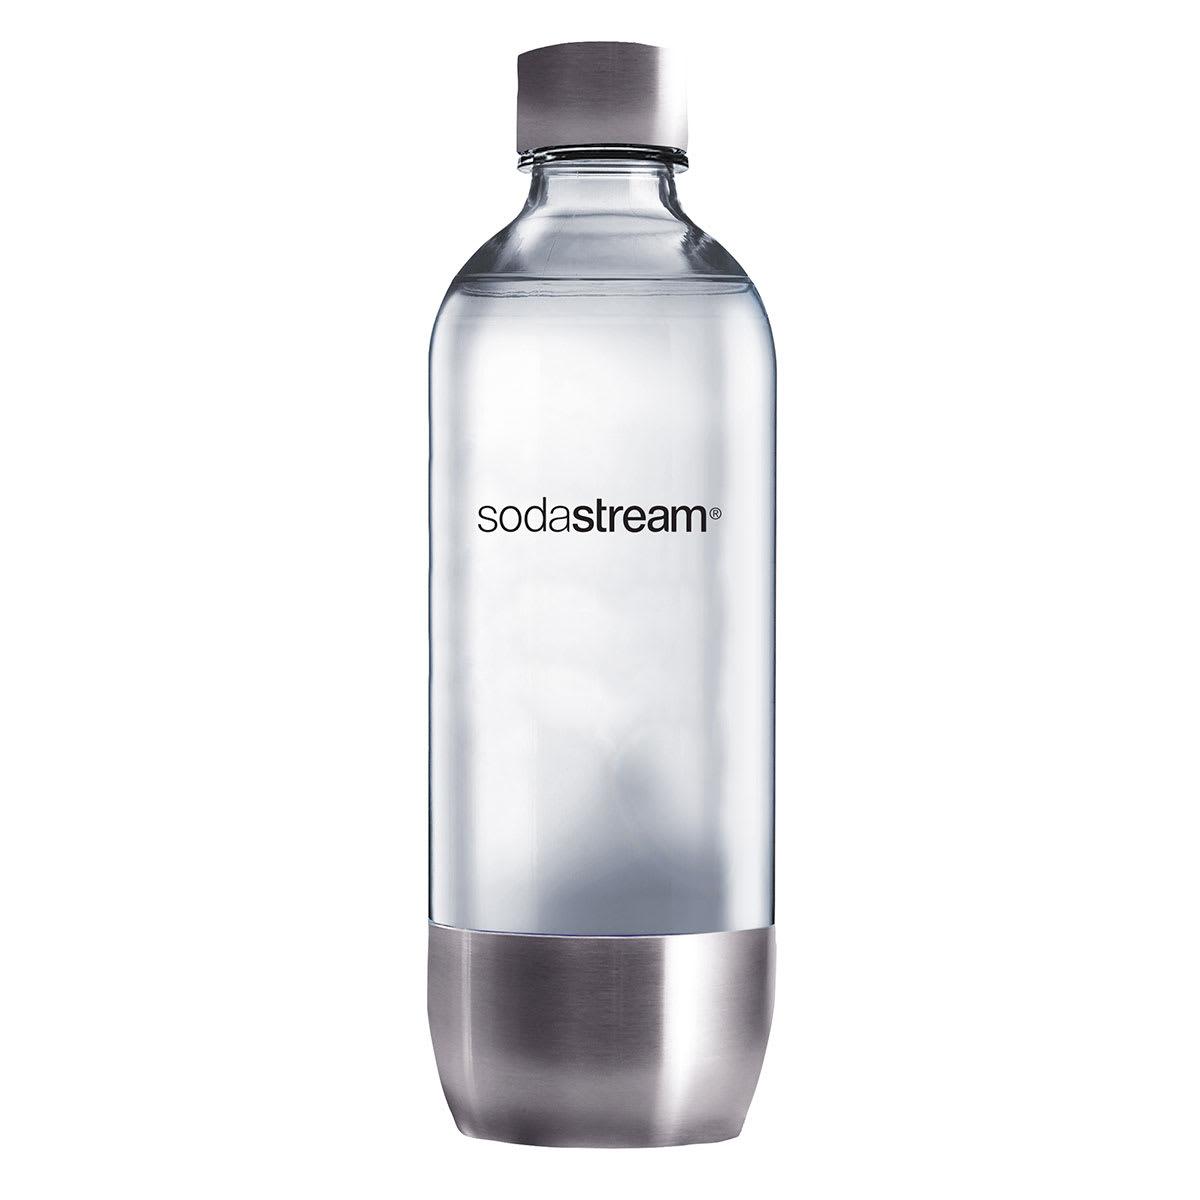 Passer til Sodastream Jet, Genesis, Spirit, Source og Power